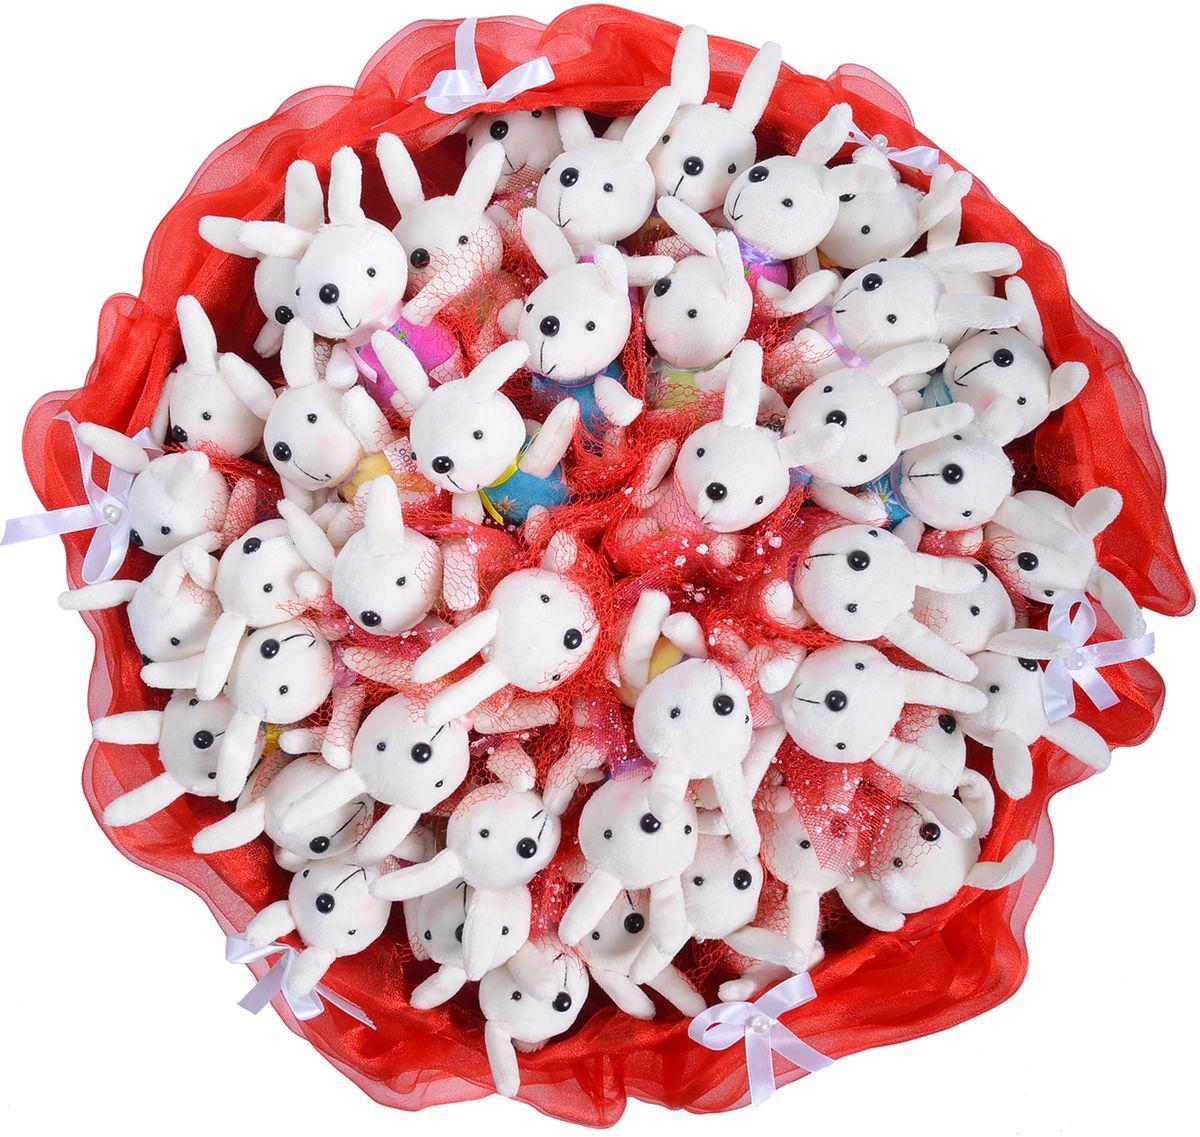 Букет из игрушек Toy Bouquet Маленькие зайчата, цвет: красный, 45 игрушек1.645-504.0Великолепный букет из 45 милых зайчиков, упакован в мягкую струящуюся органзу насыщенного красного цвета с добавлением флористической сетки, декорирован маленькими атласными бантиками по краю букета и перевязан широкой атласной лентой с добавлением золотой парчовой тесьмы.Мягкие игрушки, оформленные в букет – приятный подарок для любимой, для мамы, подруги или для ребенка. Оригинальные букеты торговой марки TOY BOUQUET из мягких игрушек прекрасно подойдут для многих праздников: День Святого Валентина, 8 марта, день рождения, выпускной, а также на другие памятные даты или годовщины.